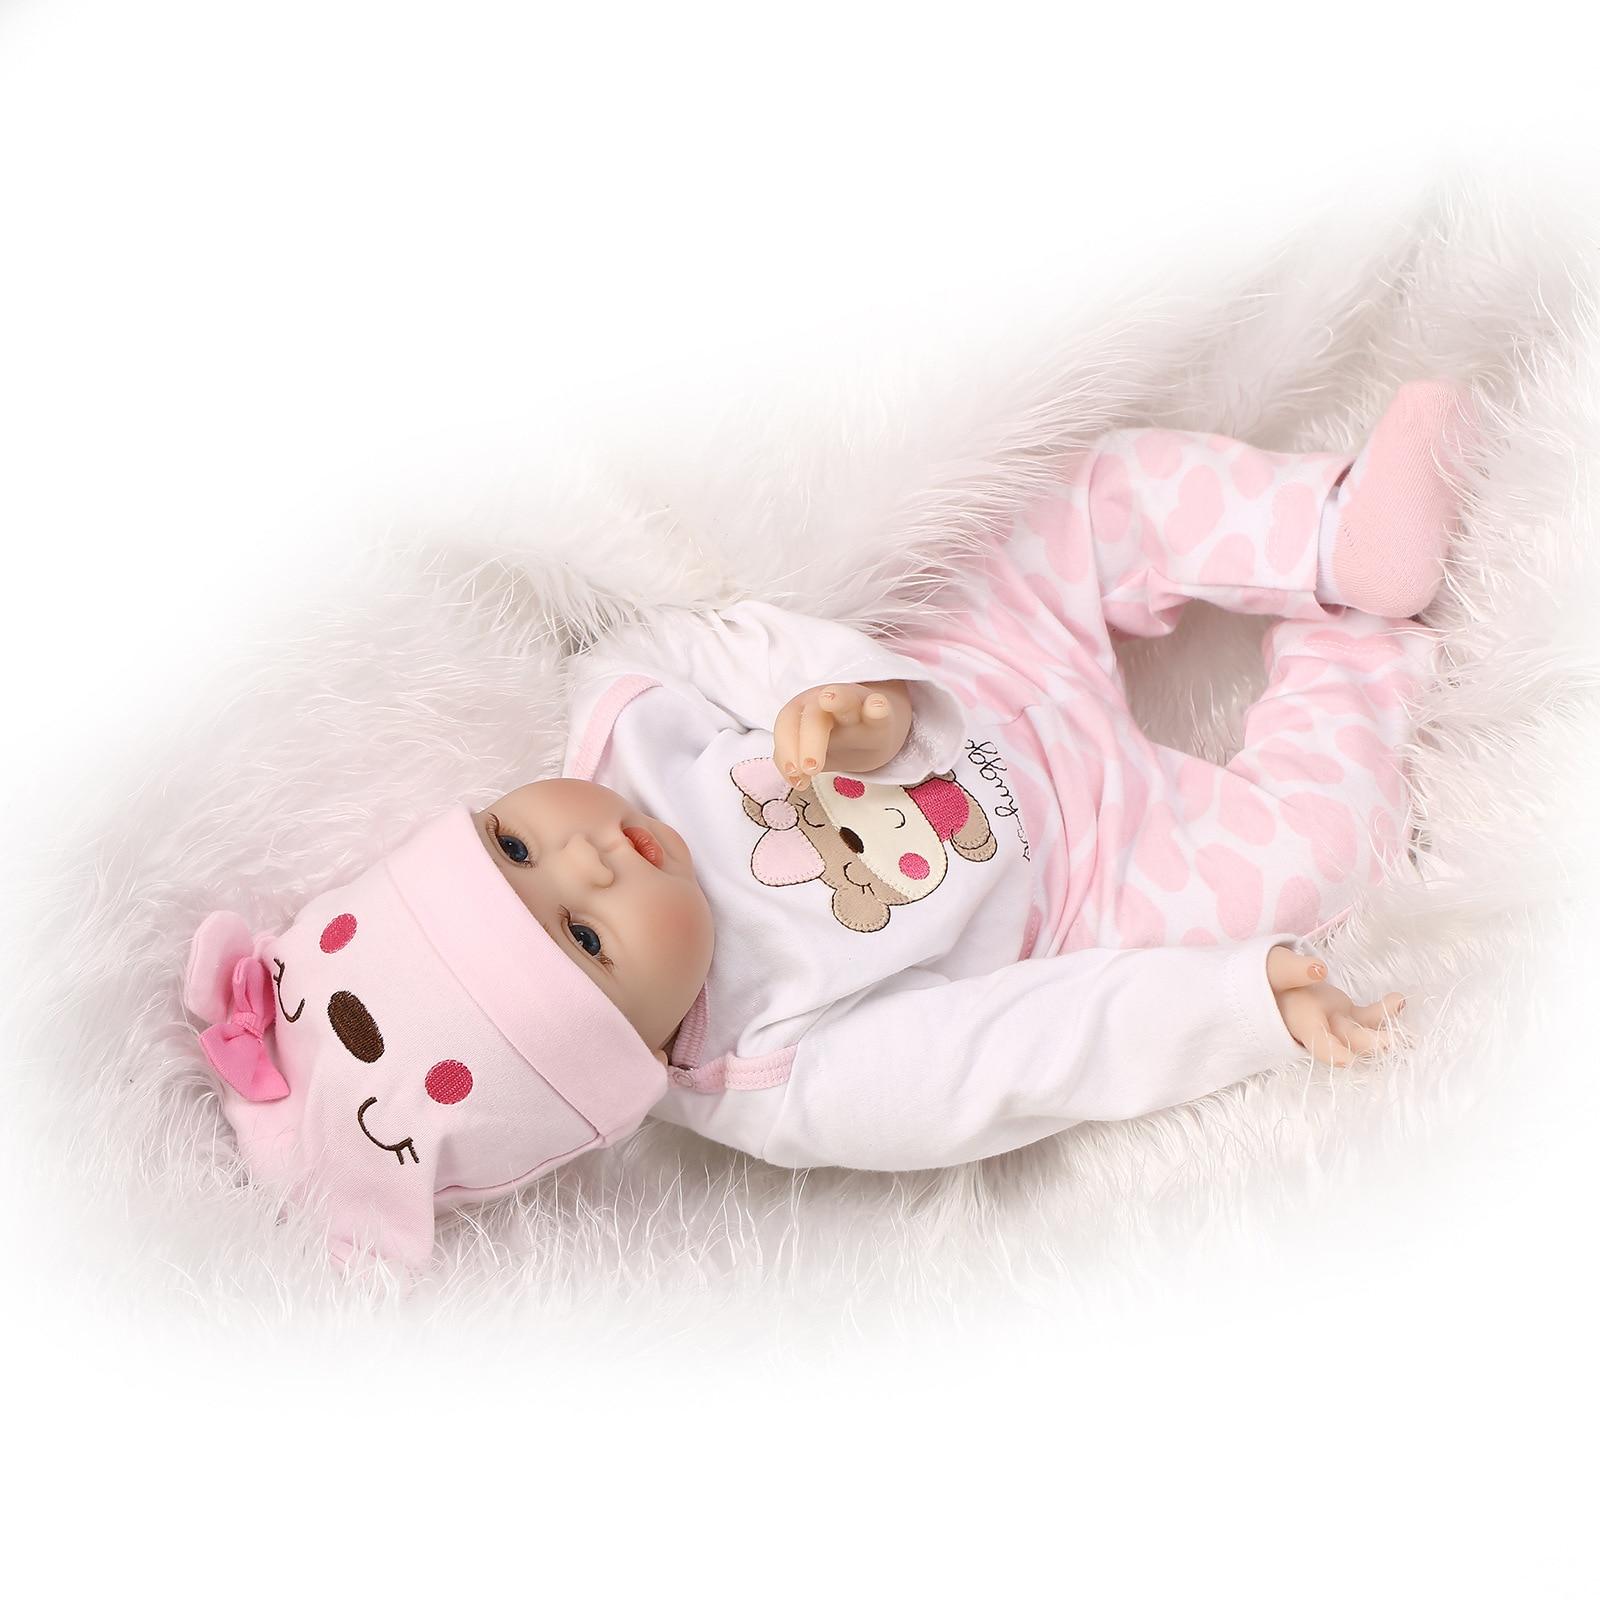 Vinilo de Silicona Suave 55 cm Reborn Baby Girl Doll Appease Muñecas - Muñecas y accesorios - foto 6